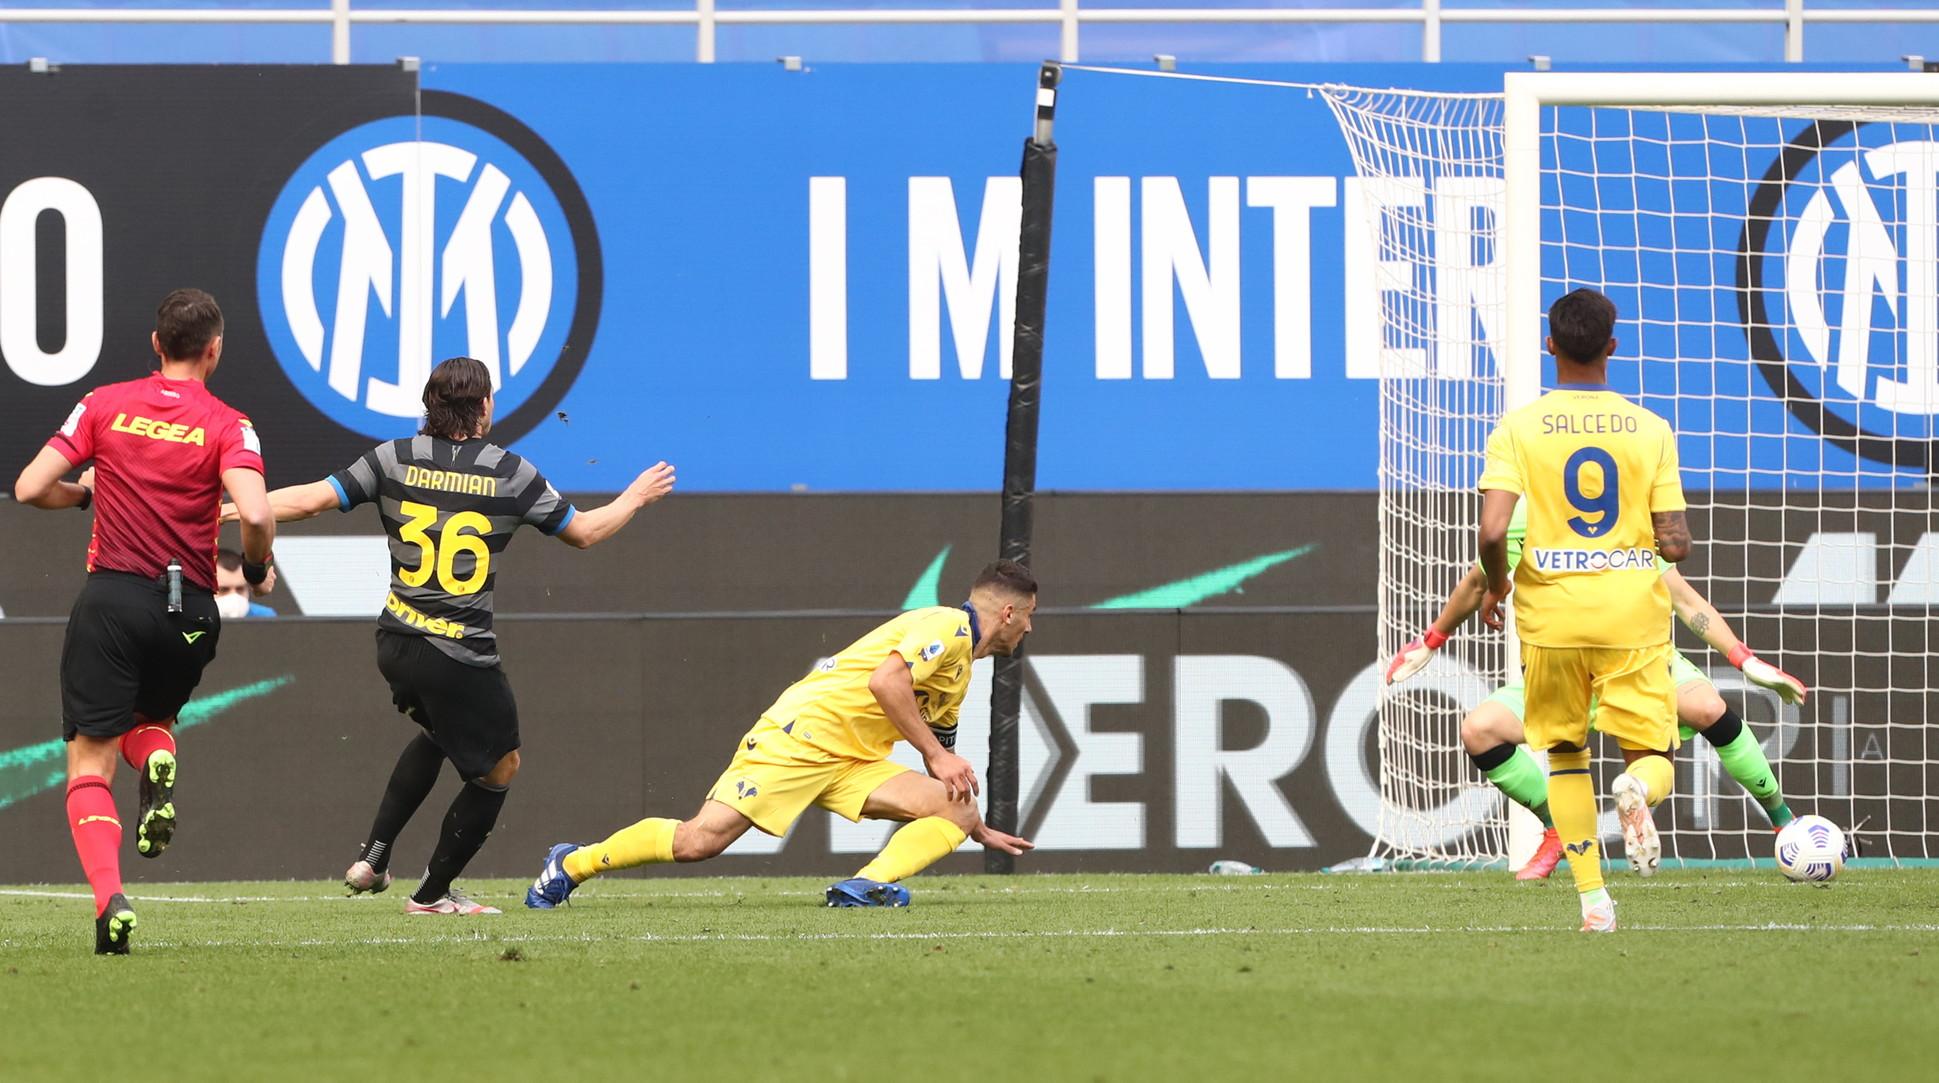 Inter-Verona 1-0, 25 aprile: la lunga rincorsa allo scudetto passa anche attraverso i gol dei cosiddetti gregari in un match molto complicato